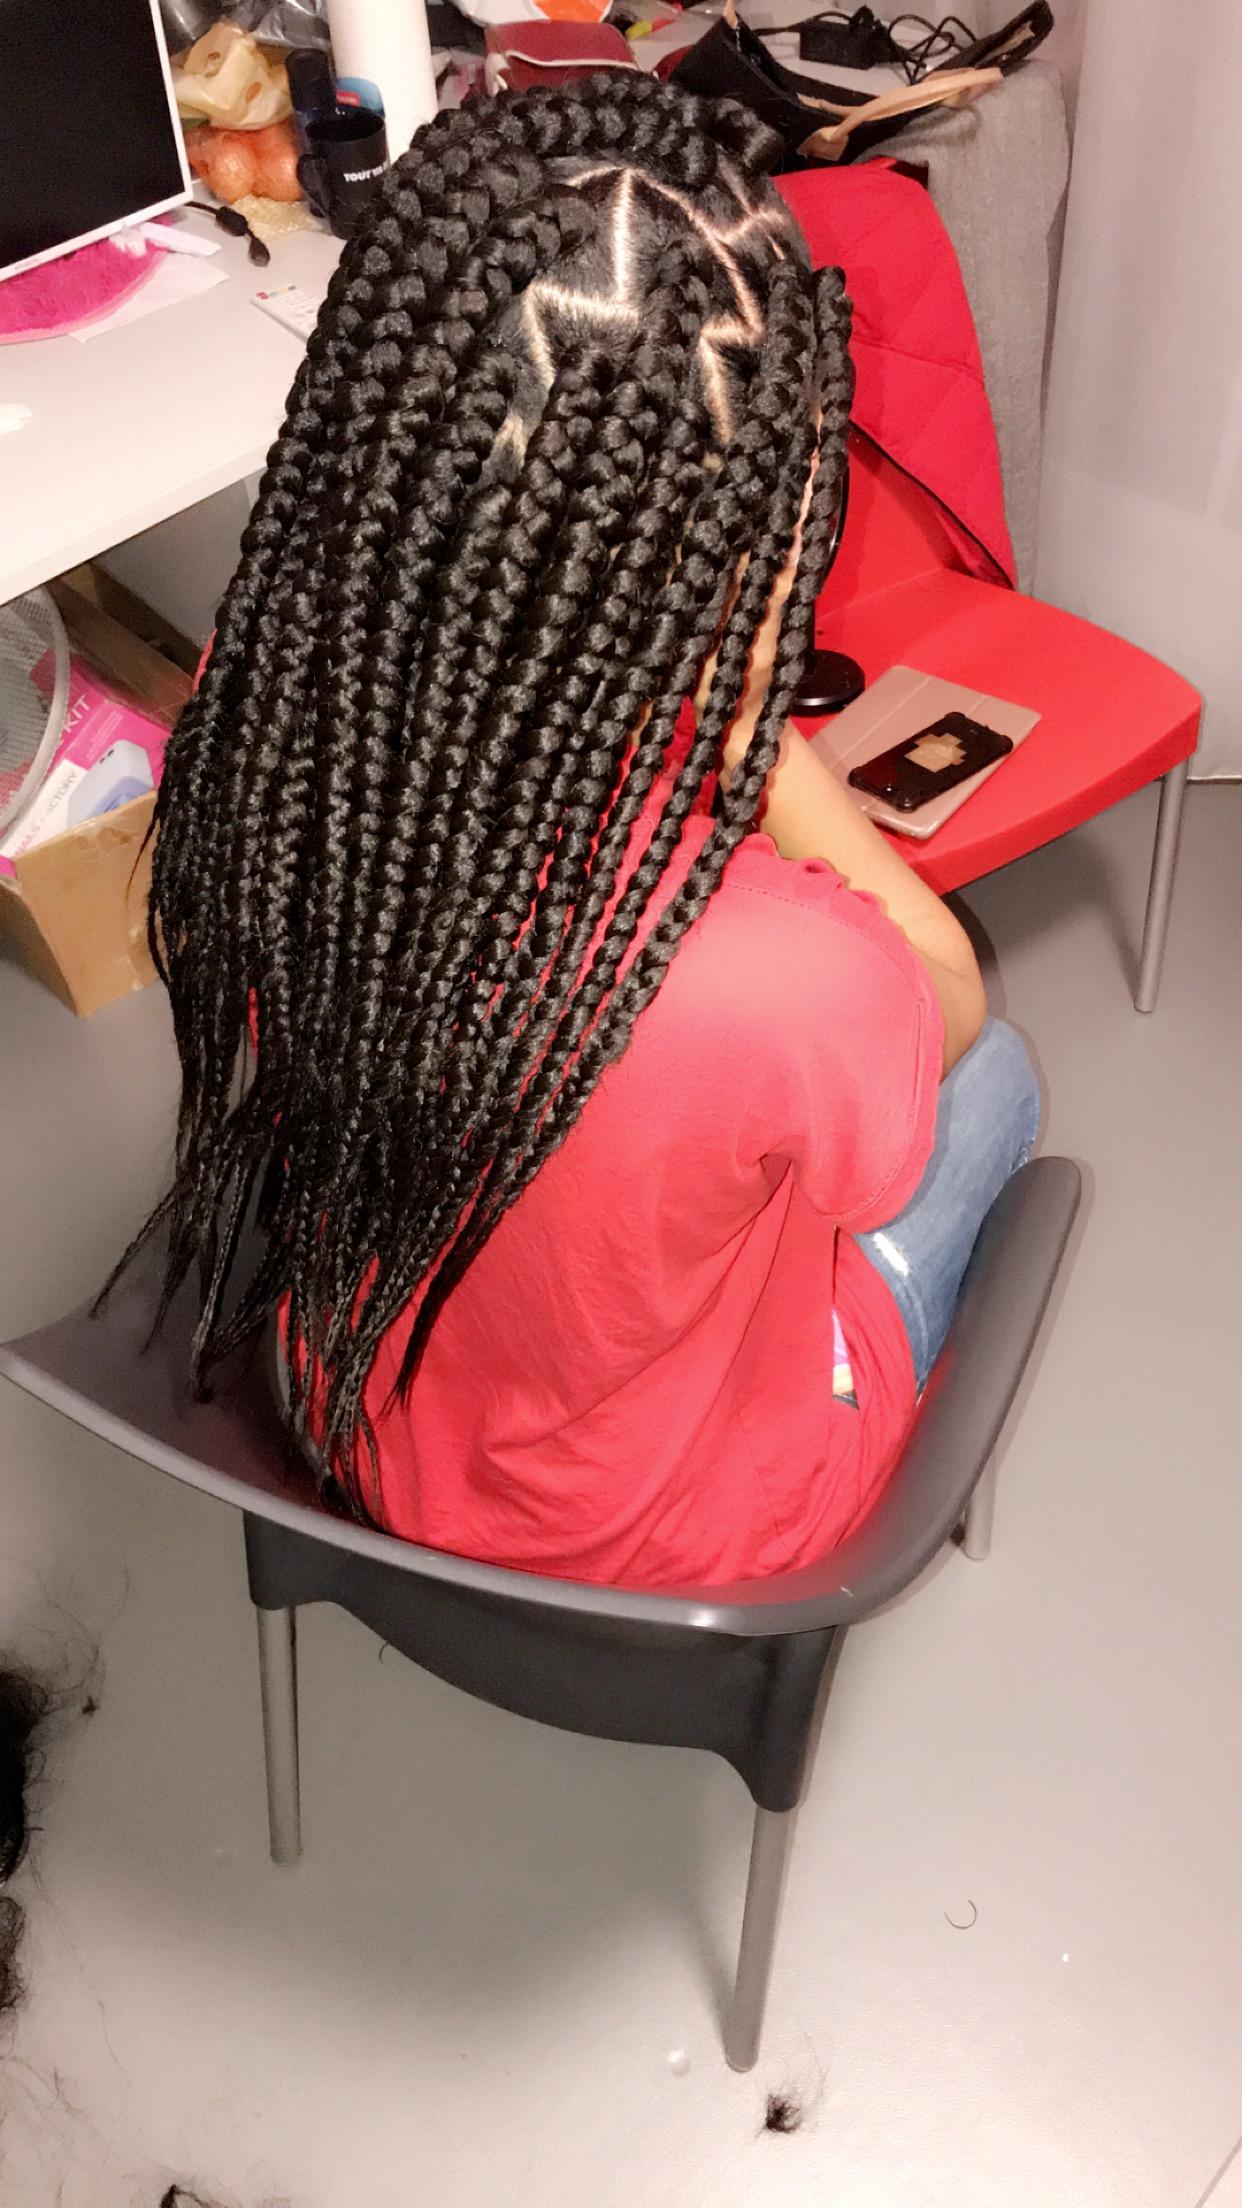 salon de coiffure afro tresse tresses box braids crochet braids vanilles tissages paris 75 77 78 91 92 93 94 95 QETIQIZP